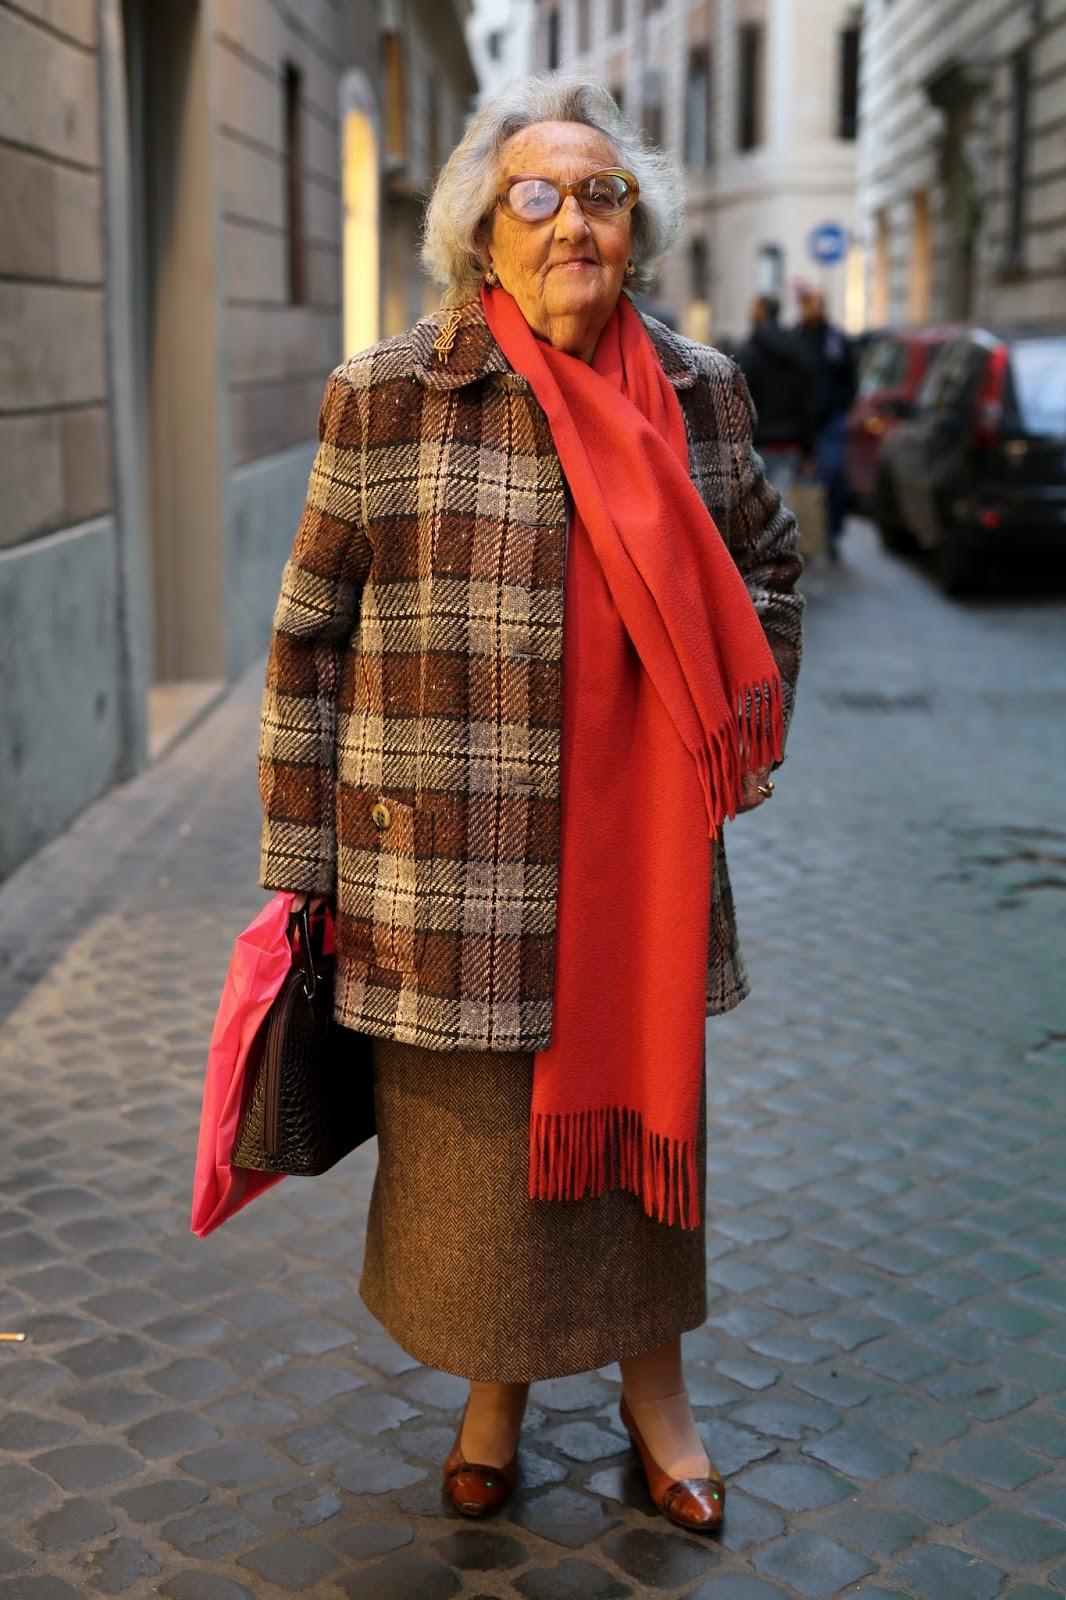 те, кто как одеты пенсионерки европы зимой фото удлиняют ноги, увеличивают